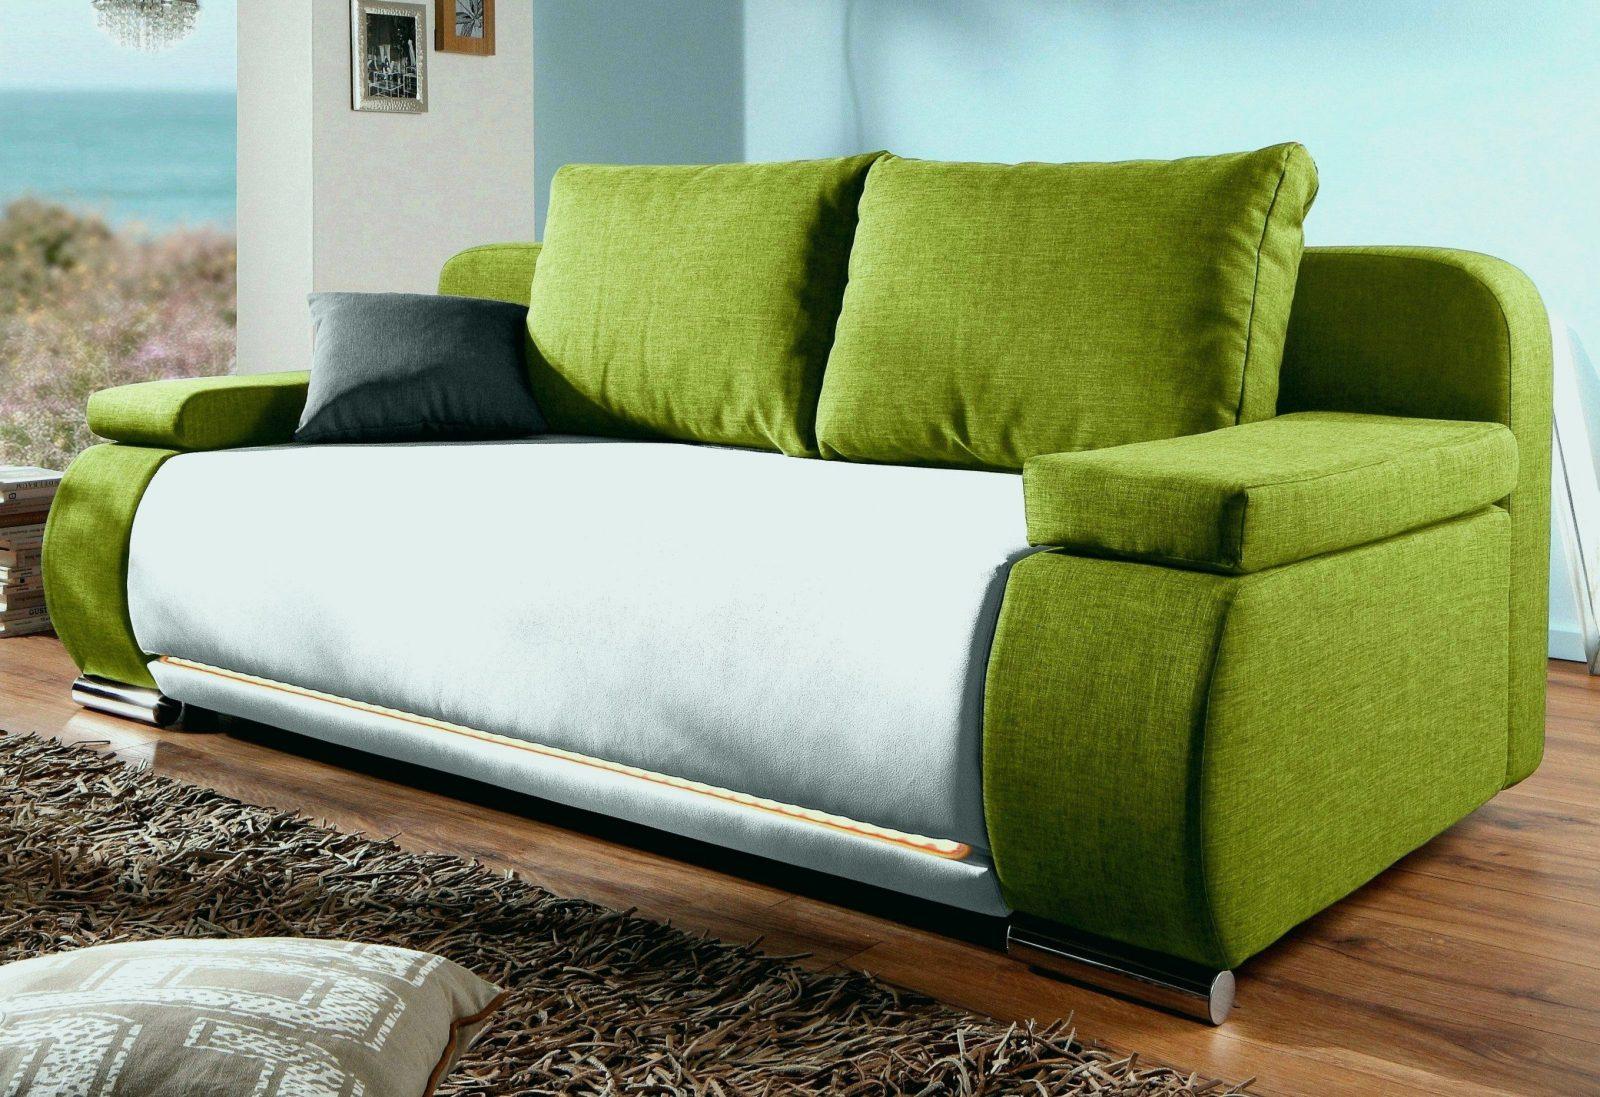 Otto Versand Couch Luxury Inspirational Otto Schiebegardinen  Stuhl von Otto Couch Mit Schlaffunktion Photo